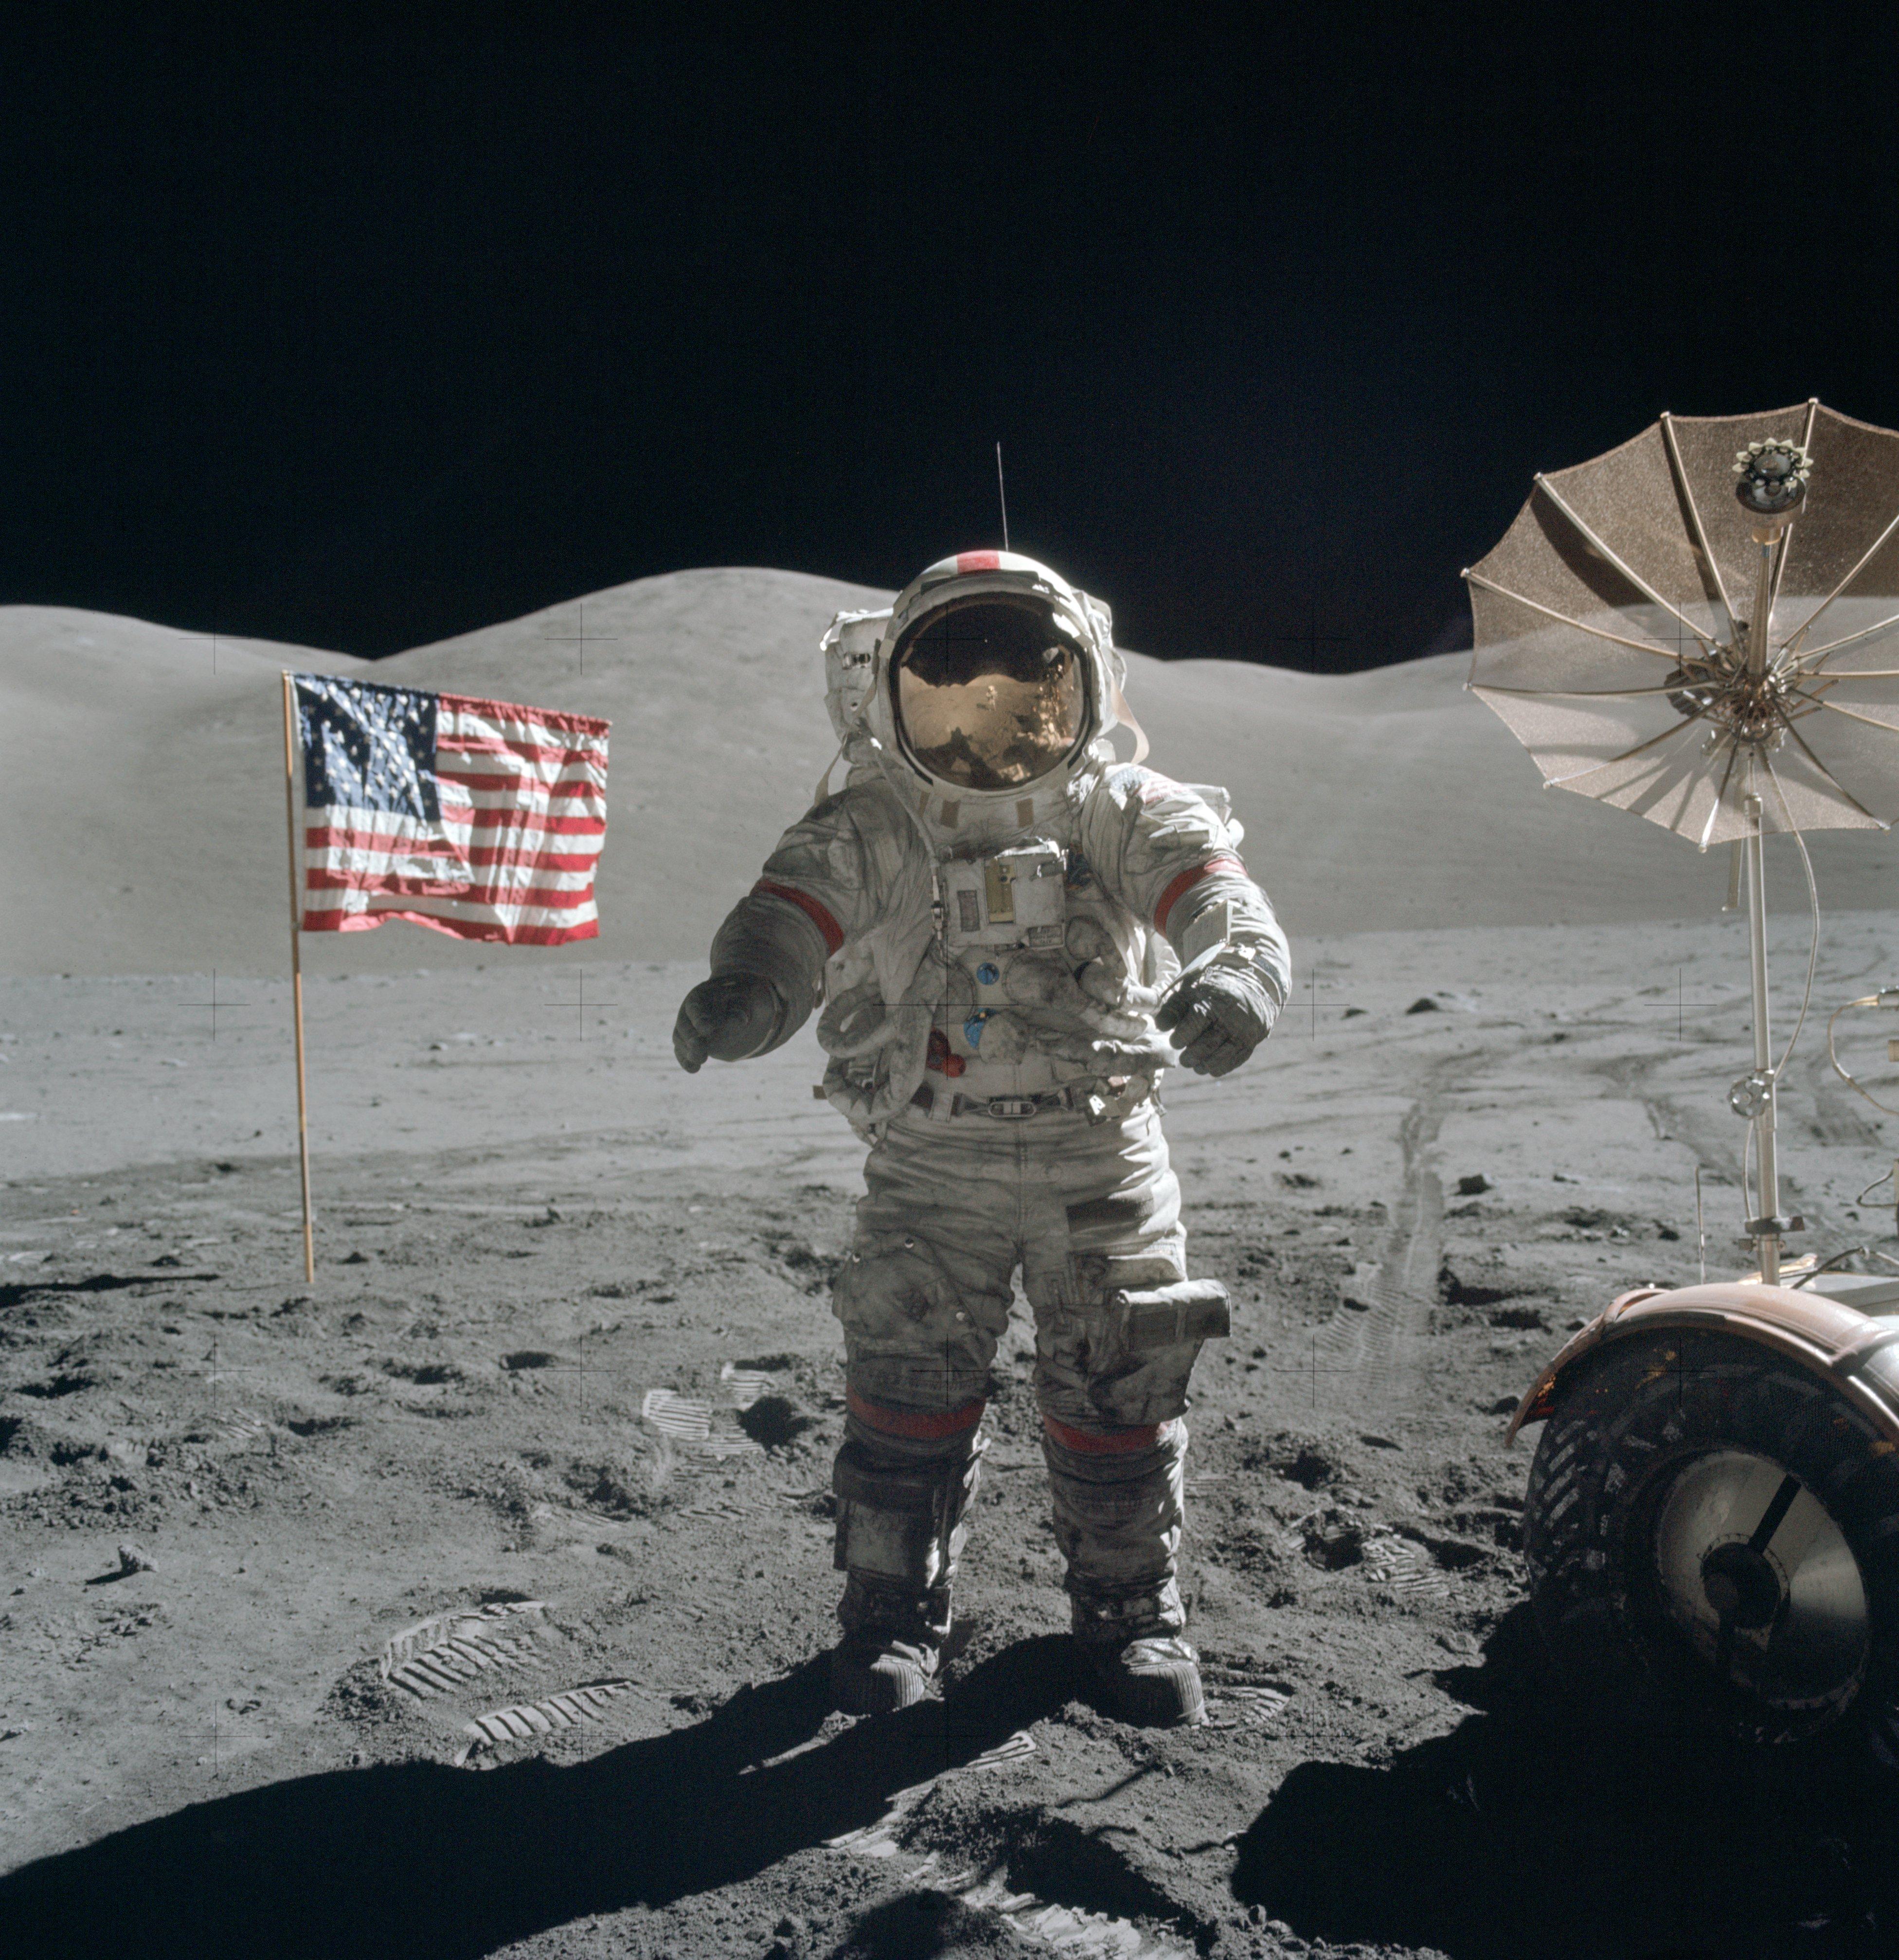 Image of Eugene Cernan on lunar surface, December 13, 1972